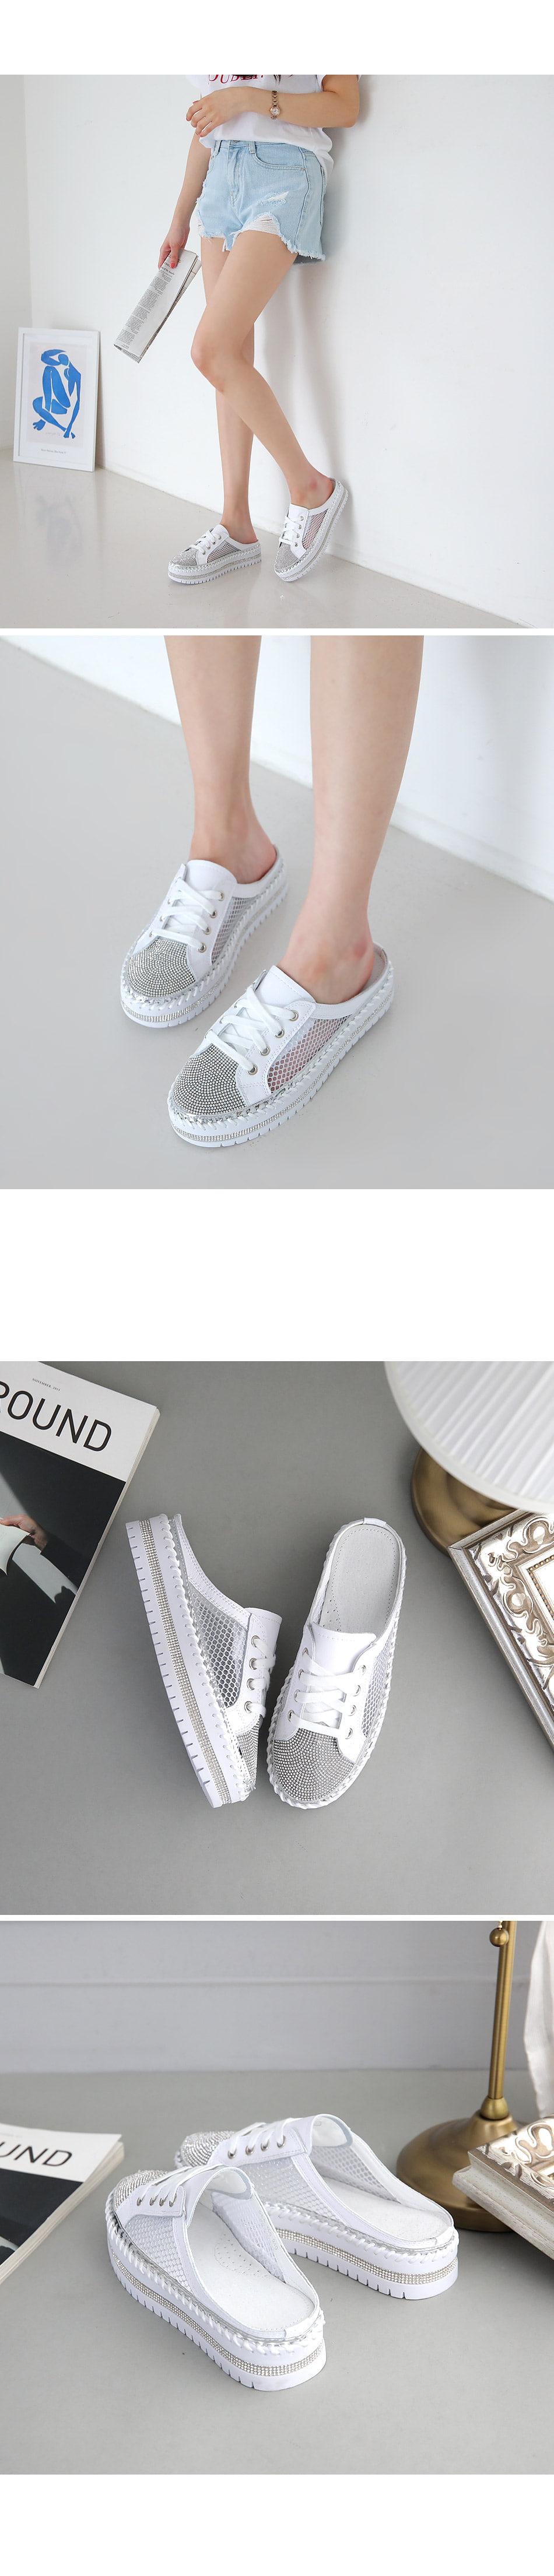 Rebel Sneakers Blower 3.5cm